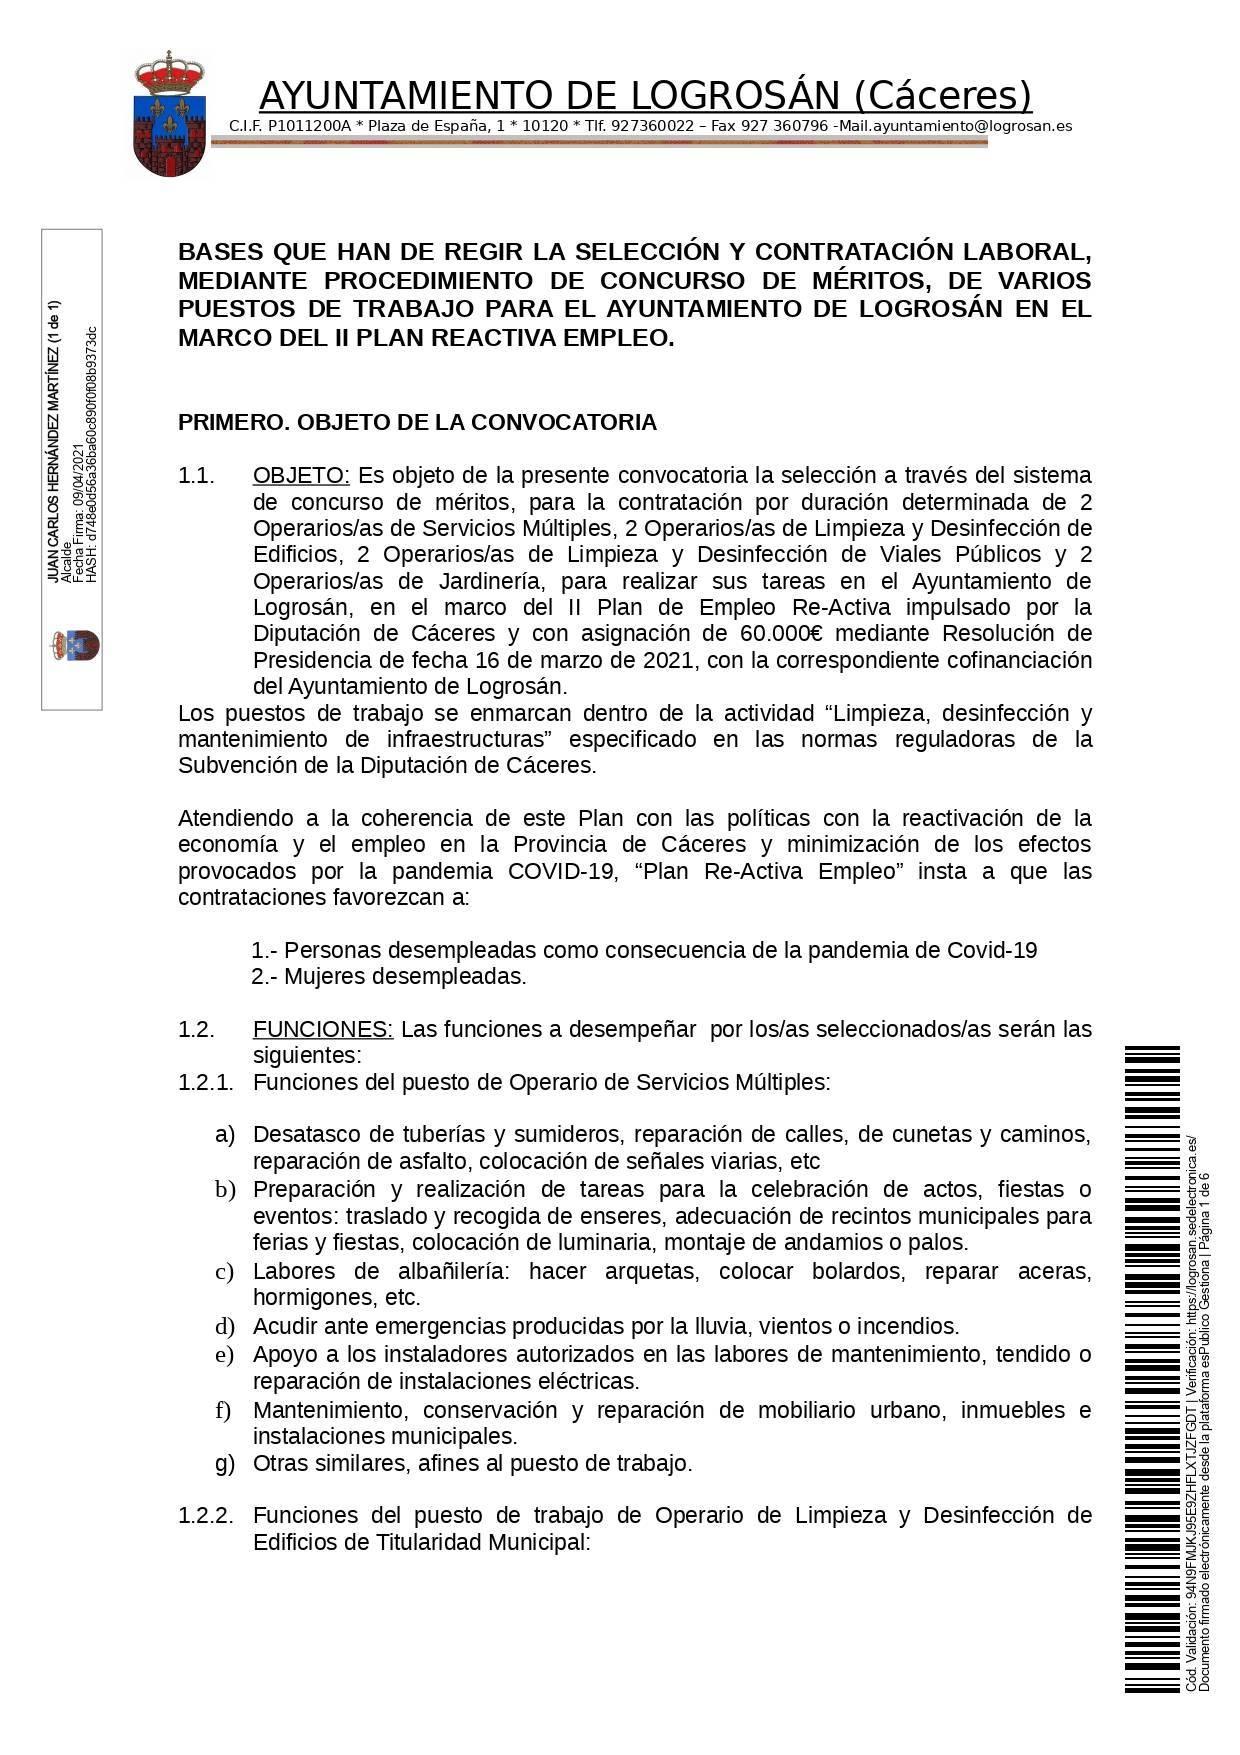 Bases para 8 puestos de trabajo (2021) - Logrosán (Cáceres) 1